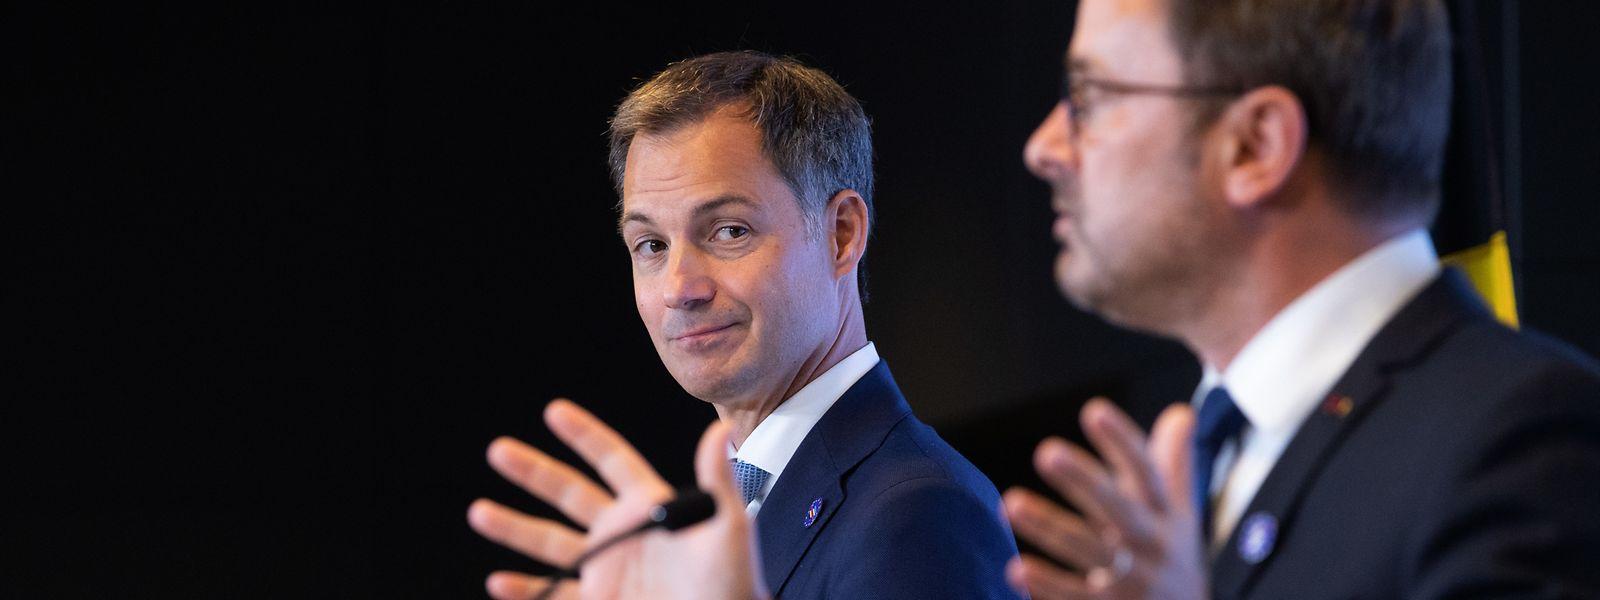 Alexander De Croo peut avoir le sourire. Le Premier ministre belge n'a pas fait le déplacement au Kirchberg pour rien.